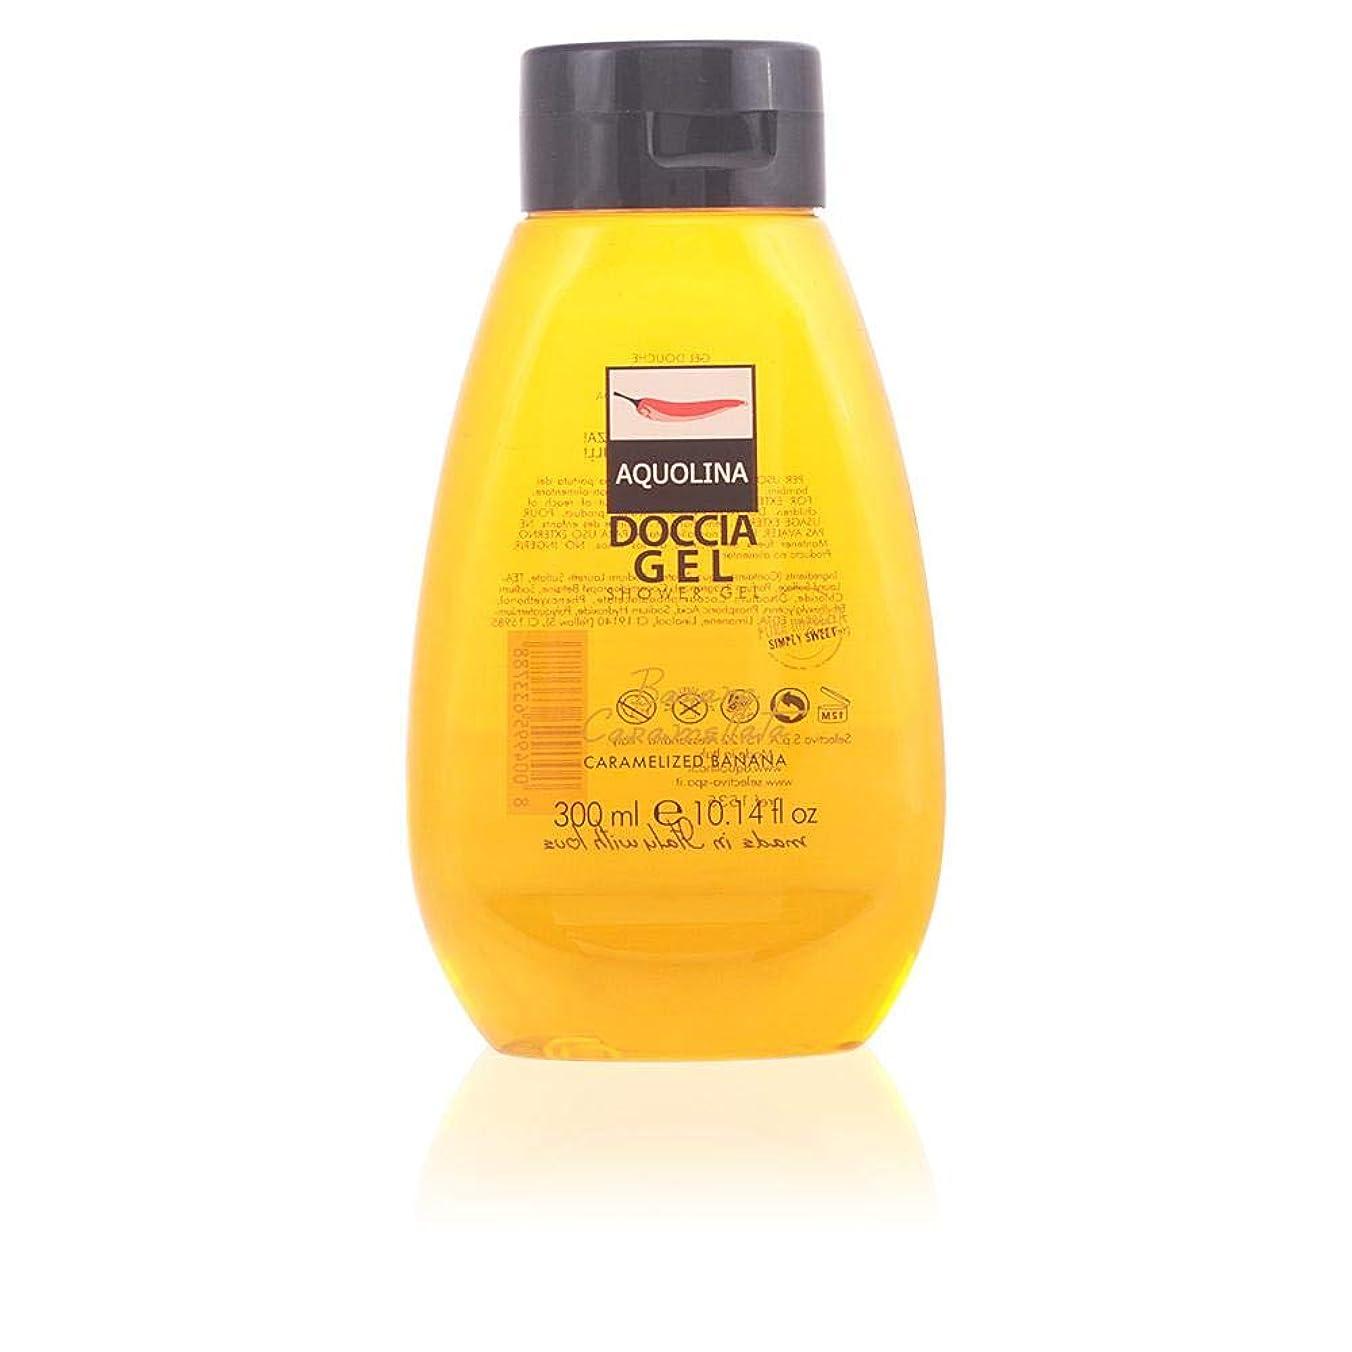 合成シャッター持続的【アクオリナ】トラディショナル シャワージェル バナナ 300ml [並行輸入品]